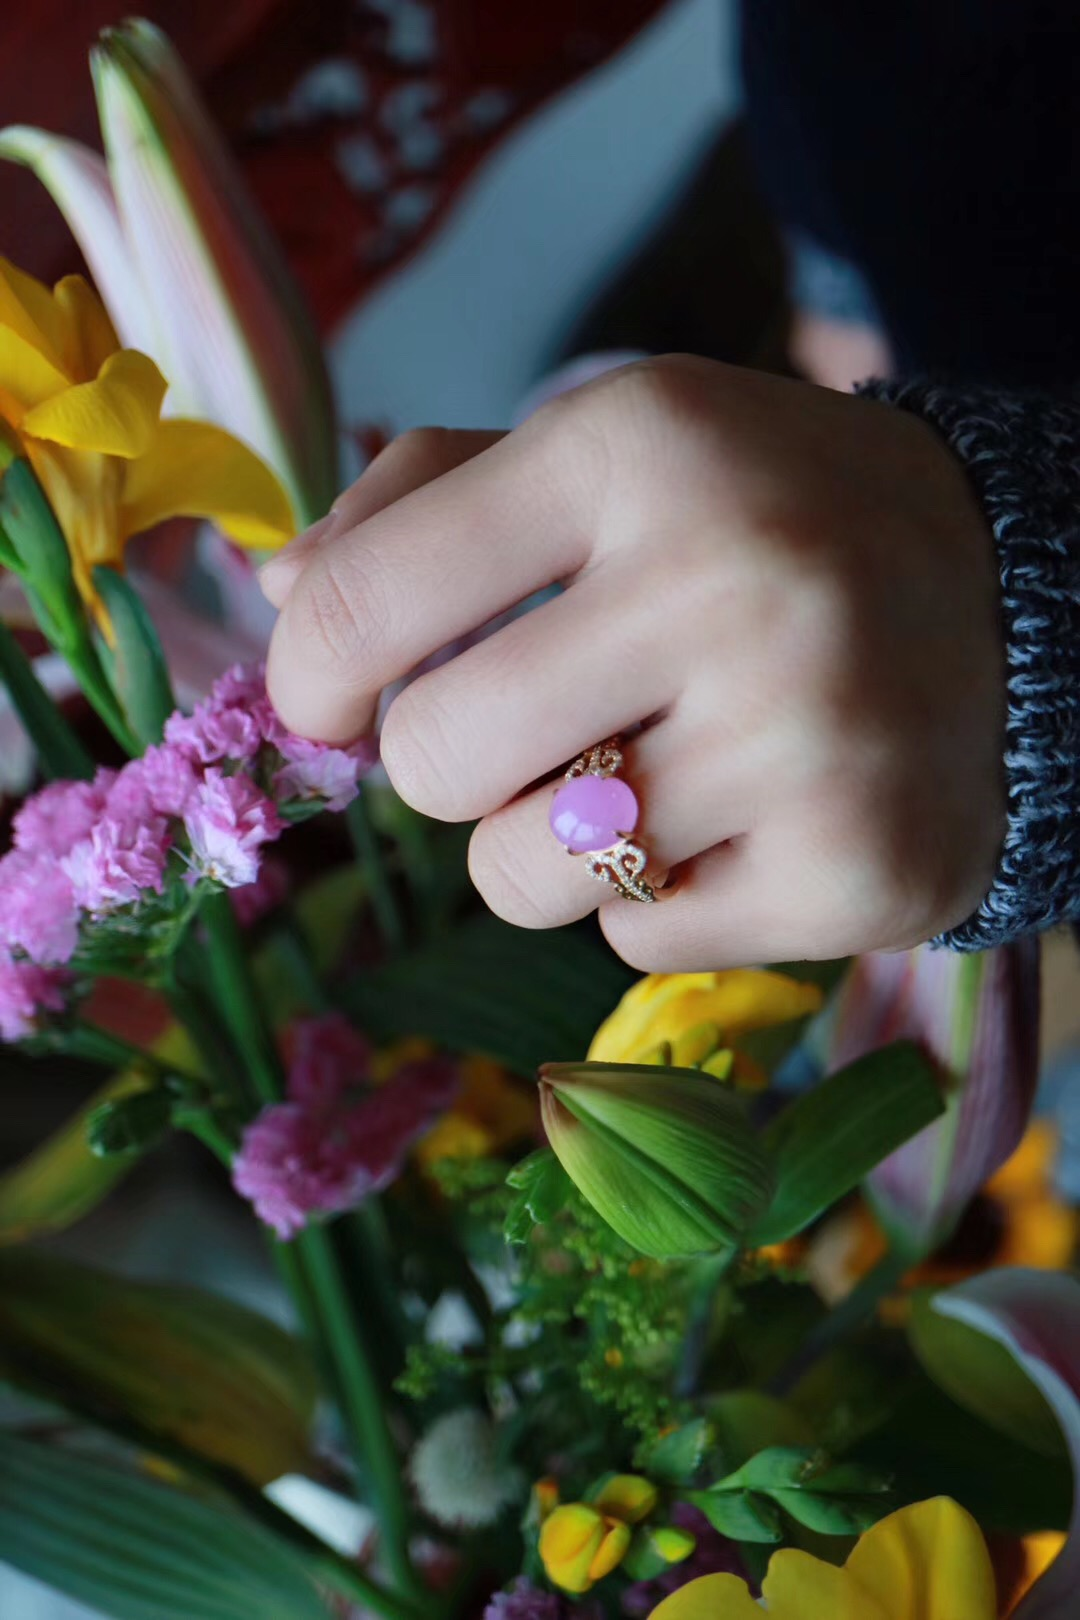 【菩心 | 舒美人 | 18k & 💎】之所以爱舒,是因为它的雅色-菩心晶舍